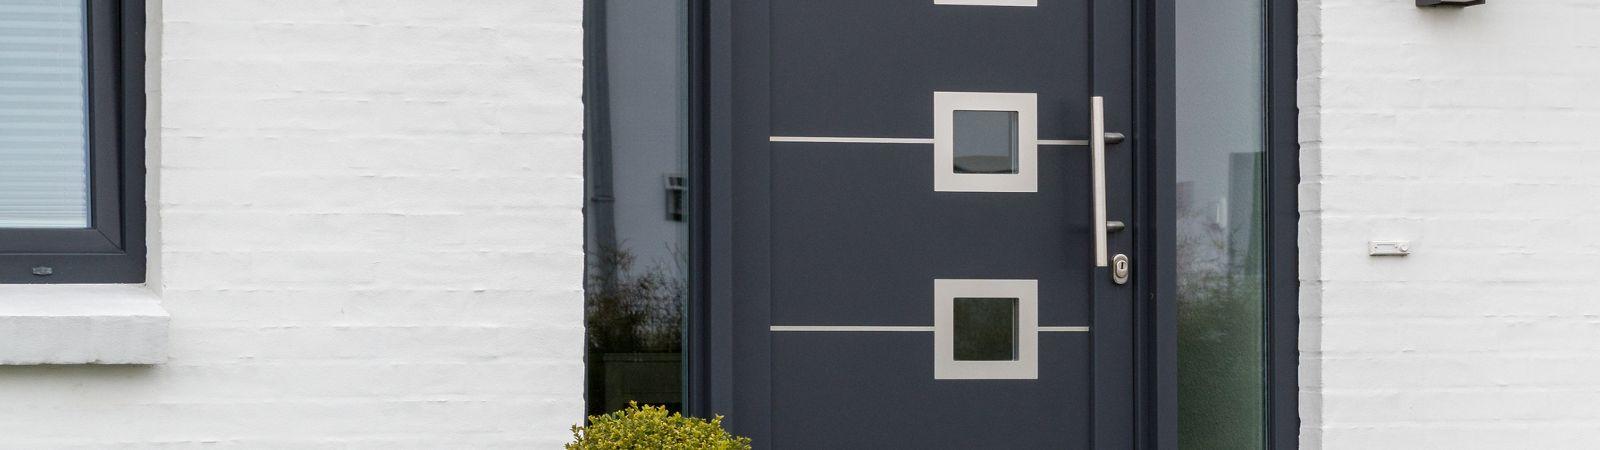 Bekannte Haustür kaufen | Bessere Dämmung bei Fenstern & Türen UA92